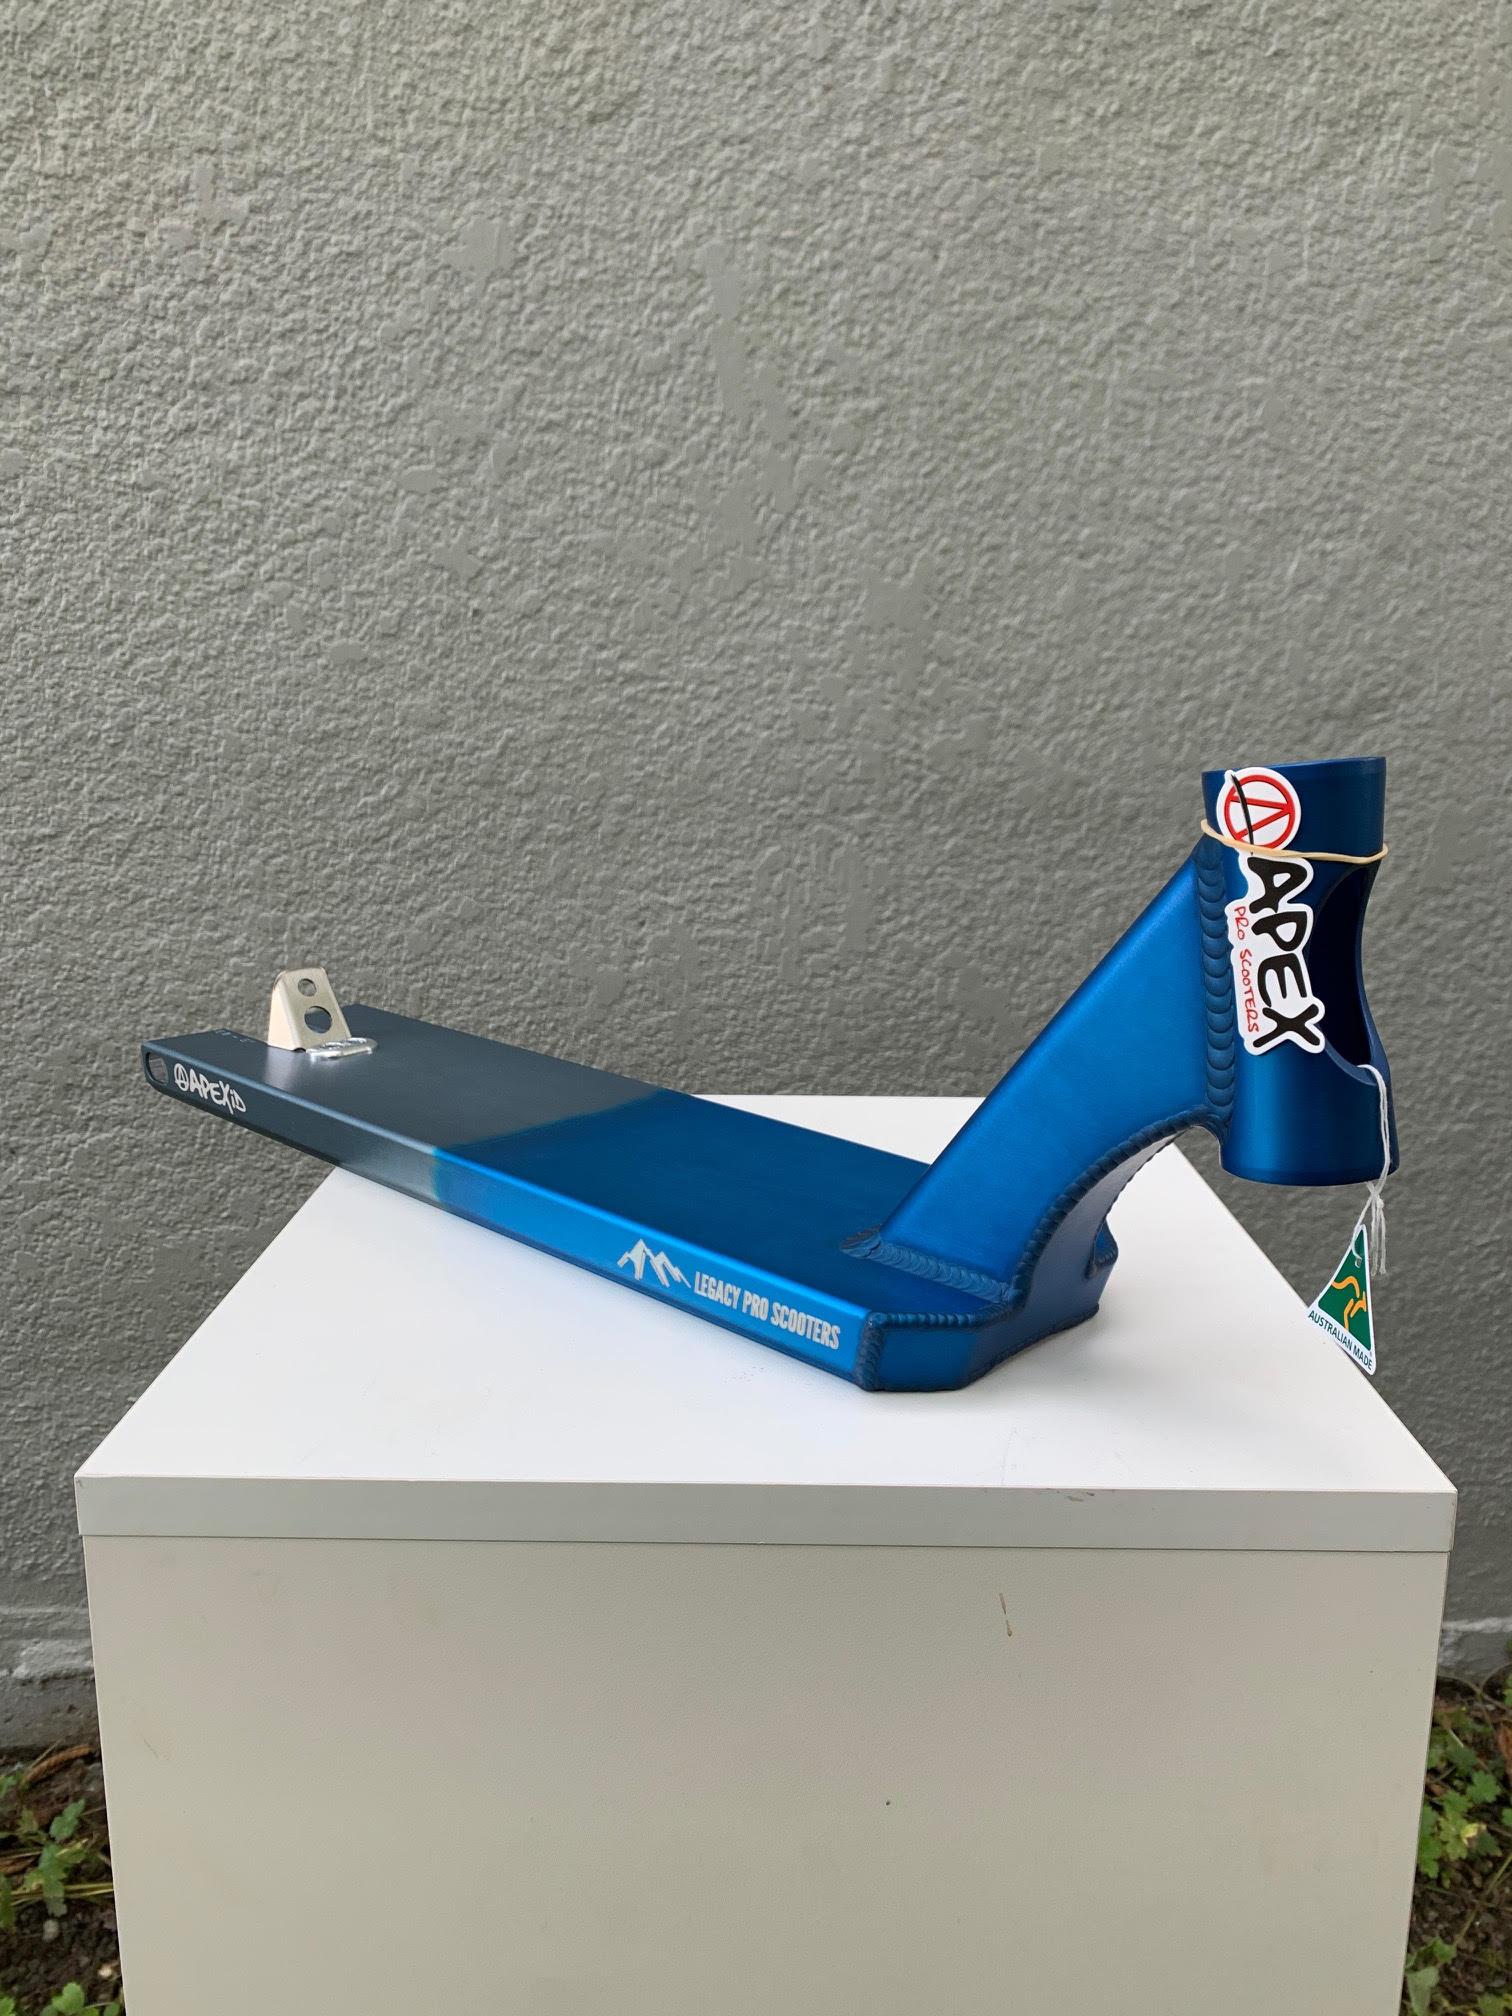 """APEXiD/LEGACY 5"""" X 600MM BOXED DECK - BLUE/GREY"""